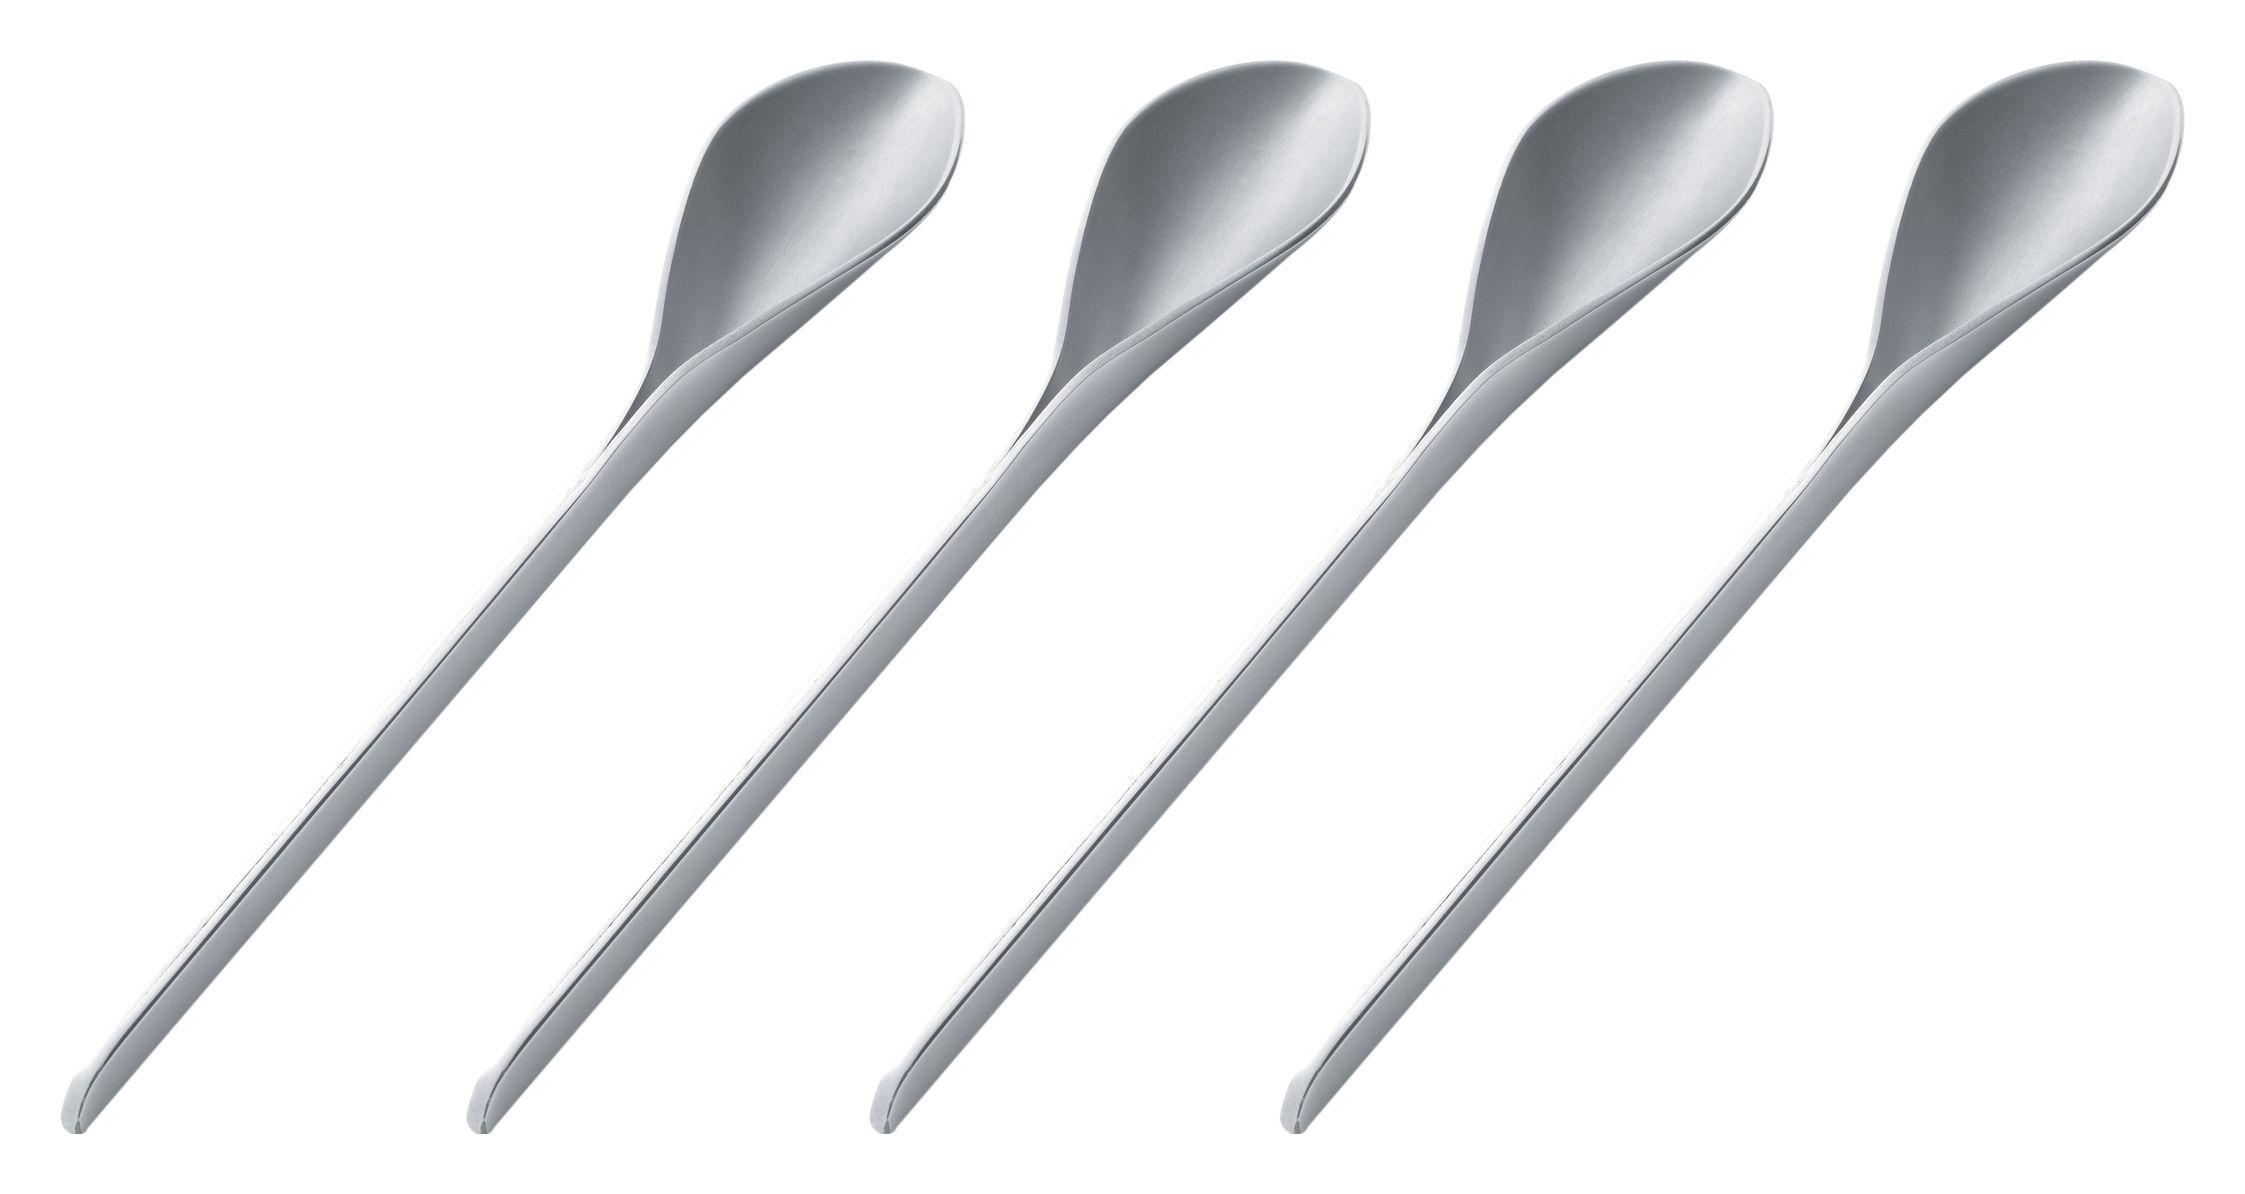 Tavola - Posate - Cucchiaio da caffé E-Li-Li - Set di 4 di Alessi - Acciaio - Acciaio inossidabile